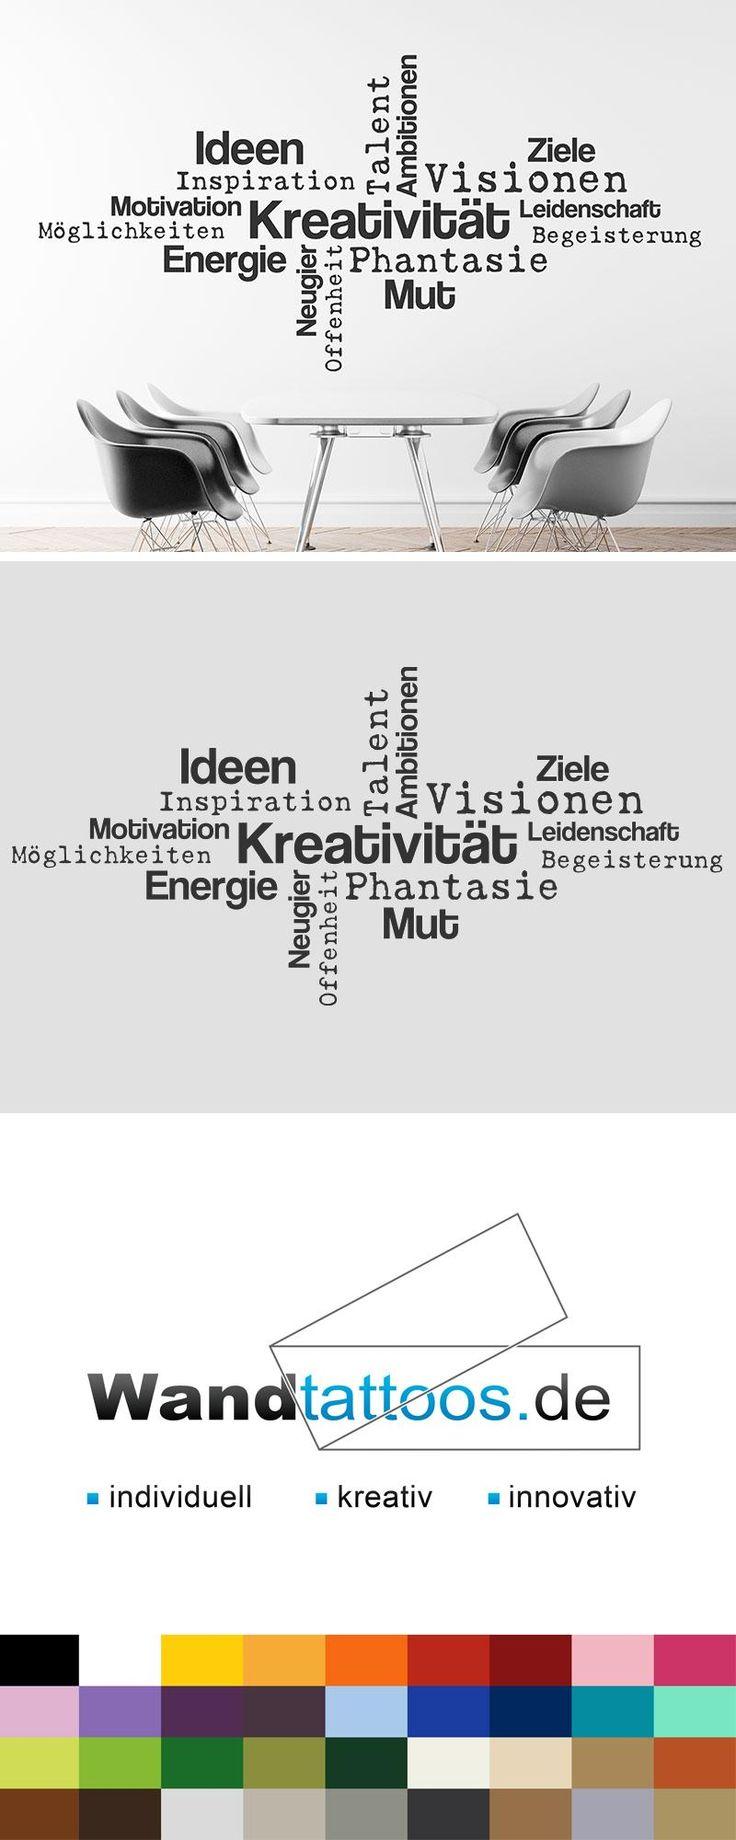 Wandtattoo Ideen, Kreativität, Mut, Motivation